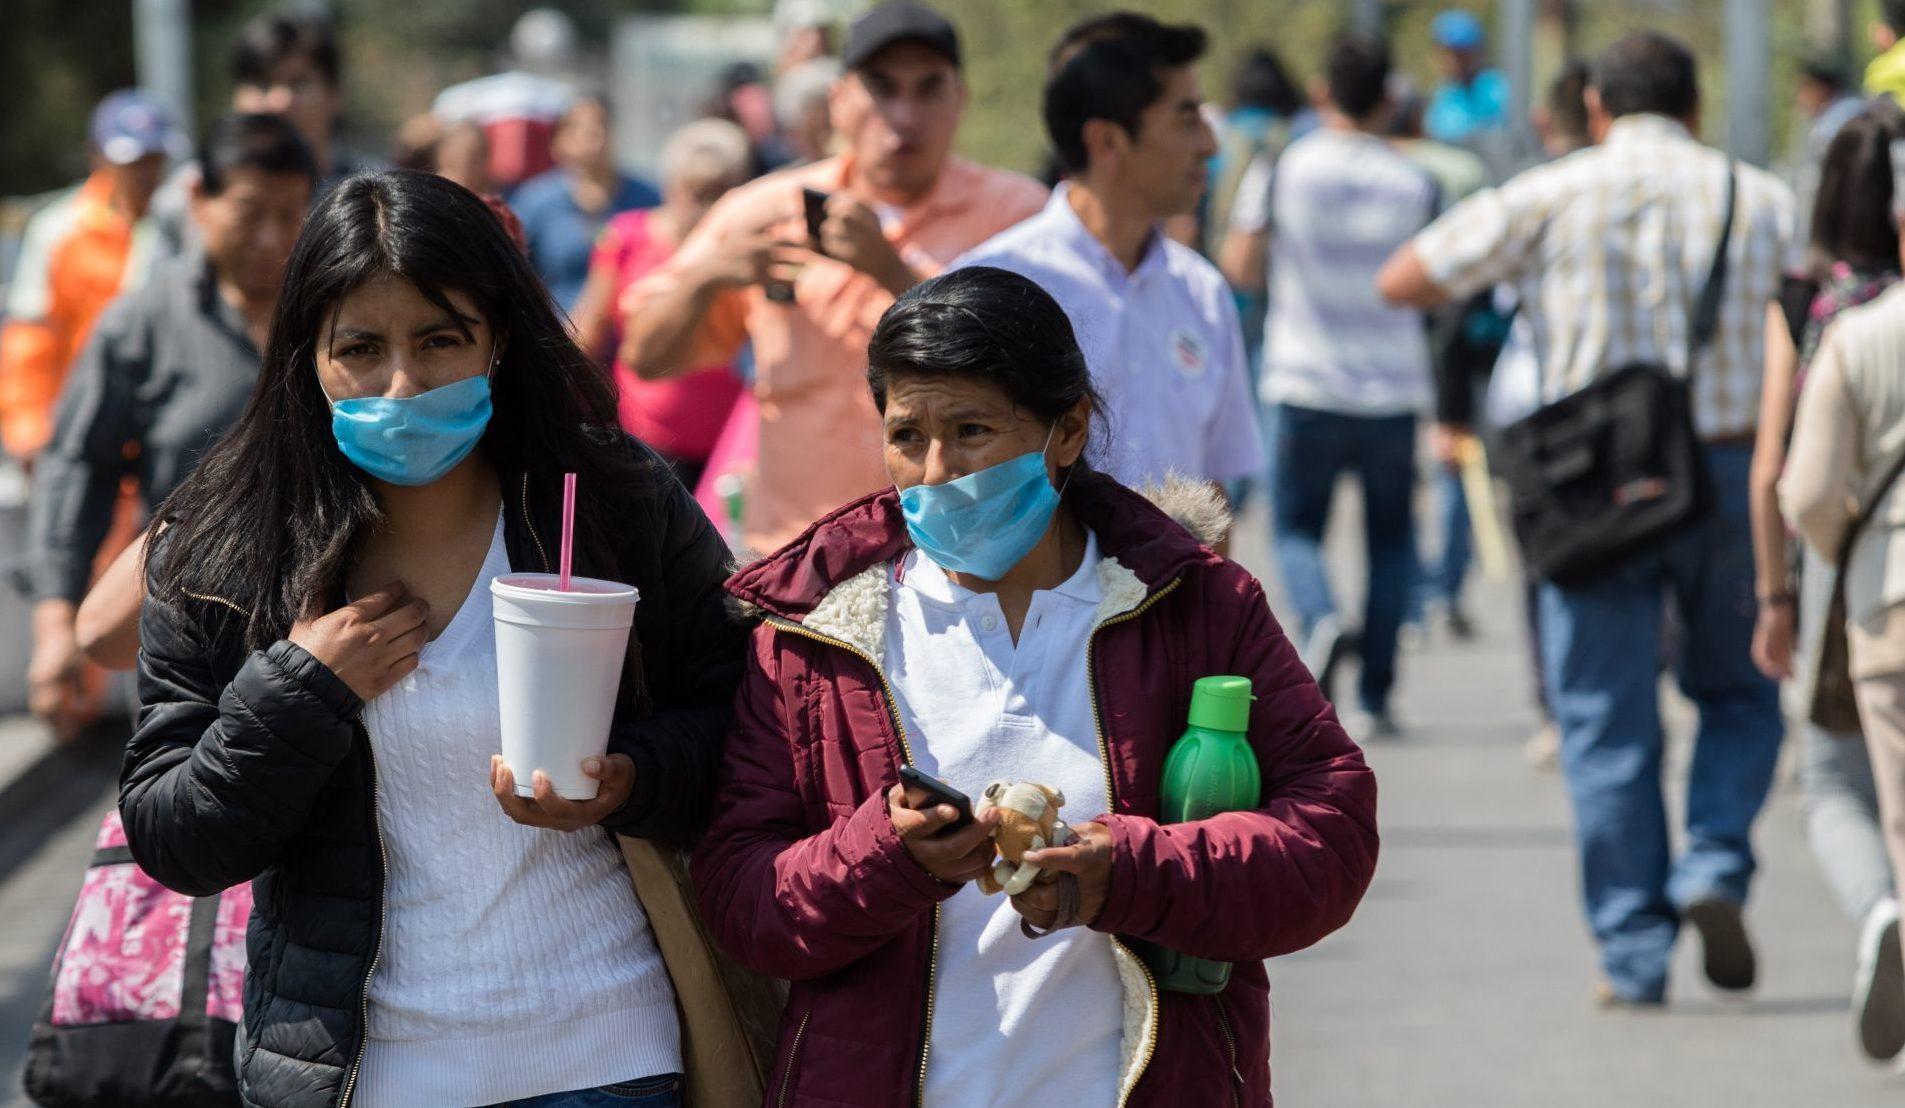 Fin de semana trágico, Puebla contó 305 nuevos contagios y 52 fallecidos por Covid-19